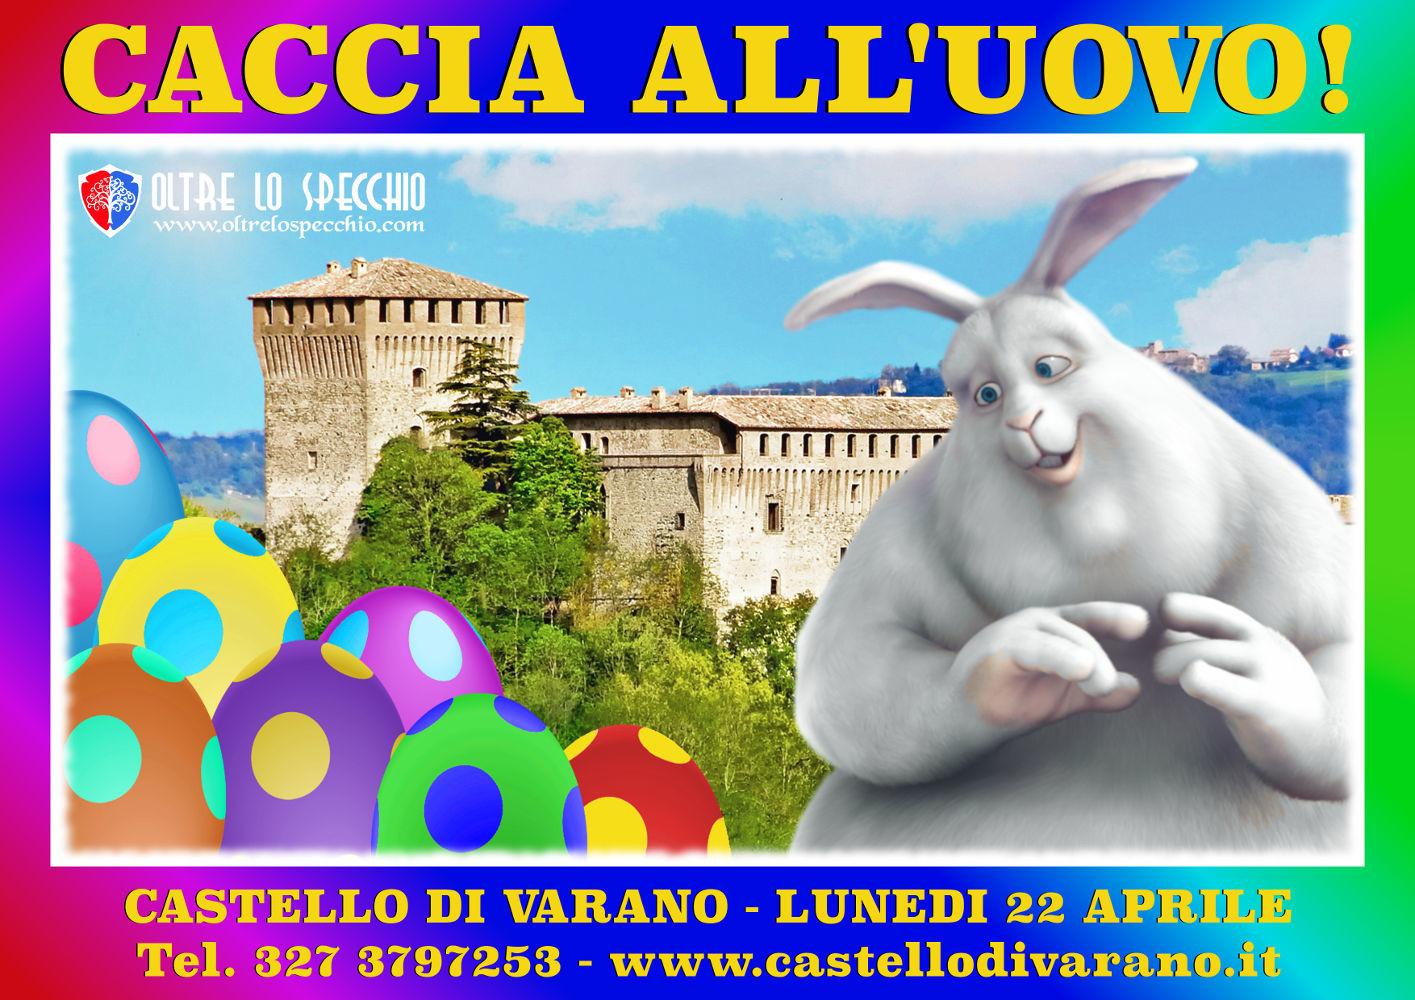 CACCIA ALL'UOVO! - PASQUETTA 2019 al Castello di Varano